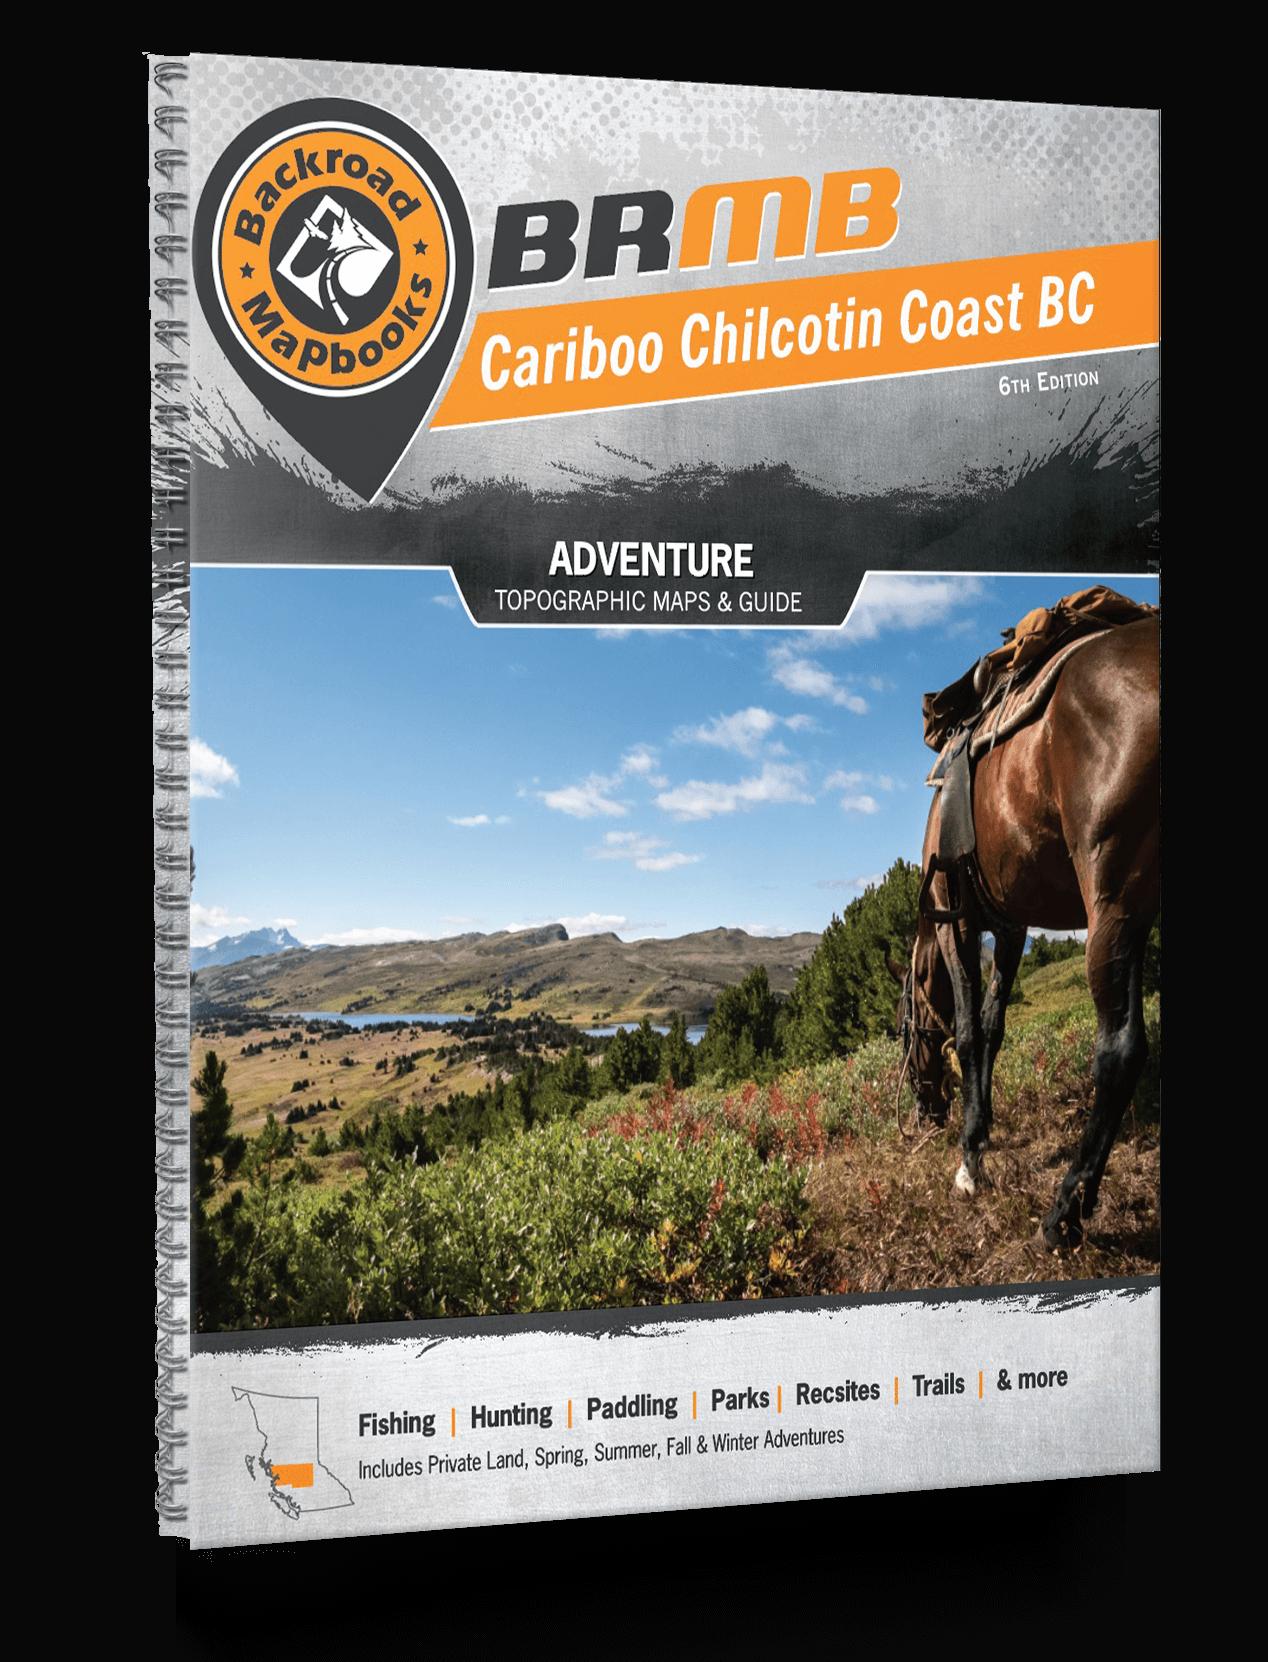 Cariboo Chilcotin Coast BC - 6th Edition